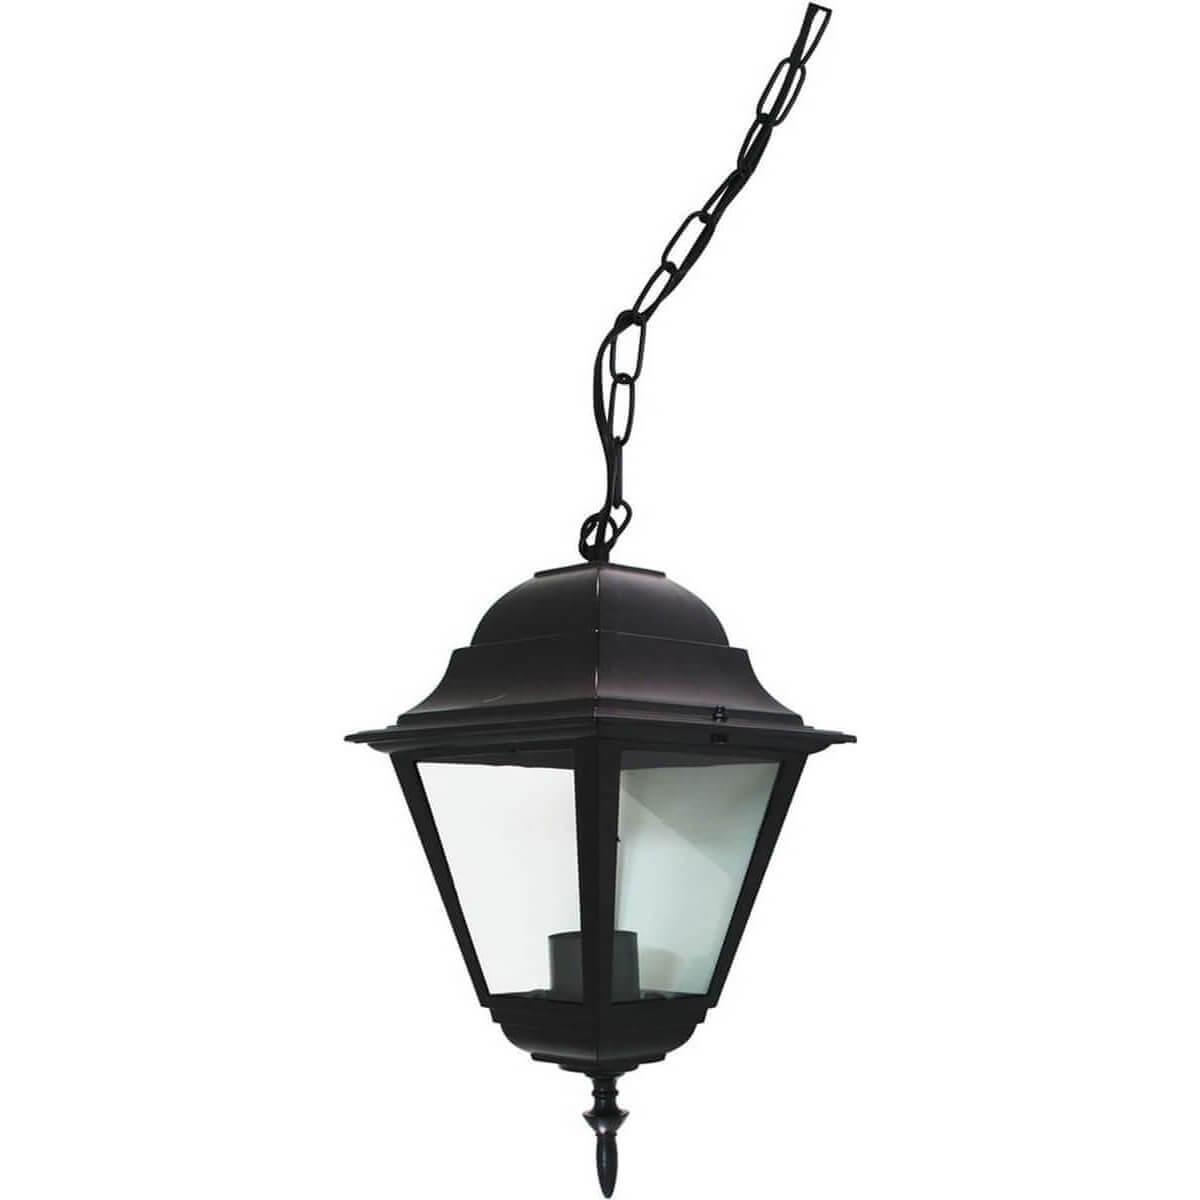 Уличный подвесной светильник Feron 4105 11022 уличный светильник feron 4105 fr 11022